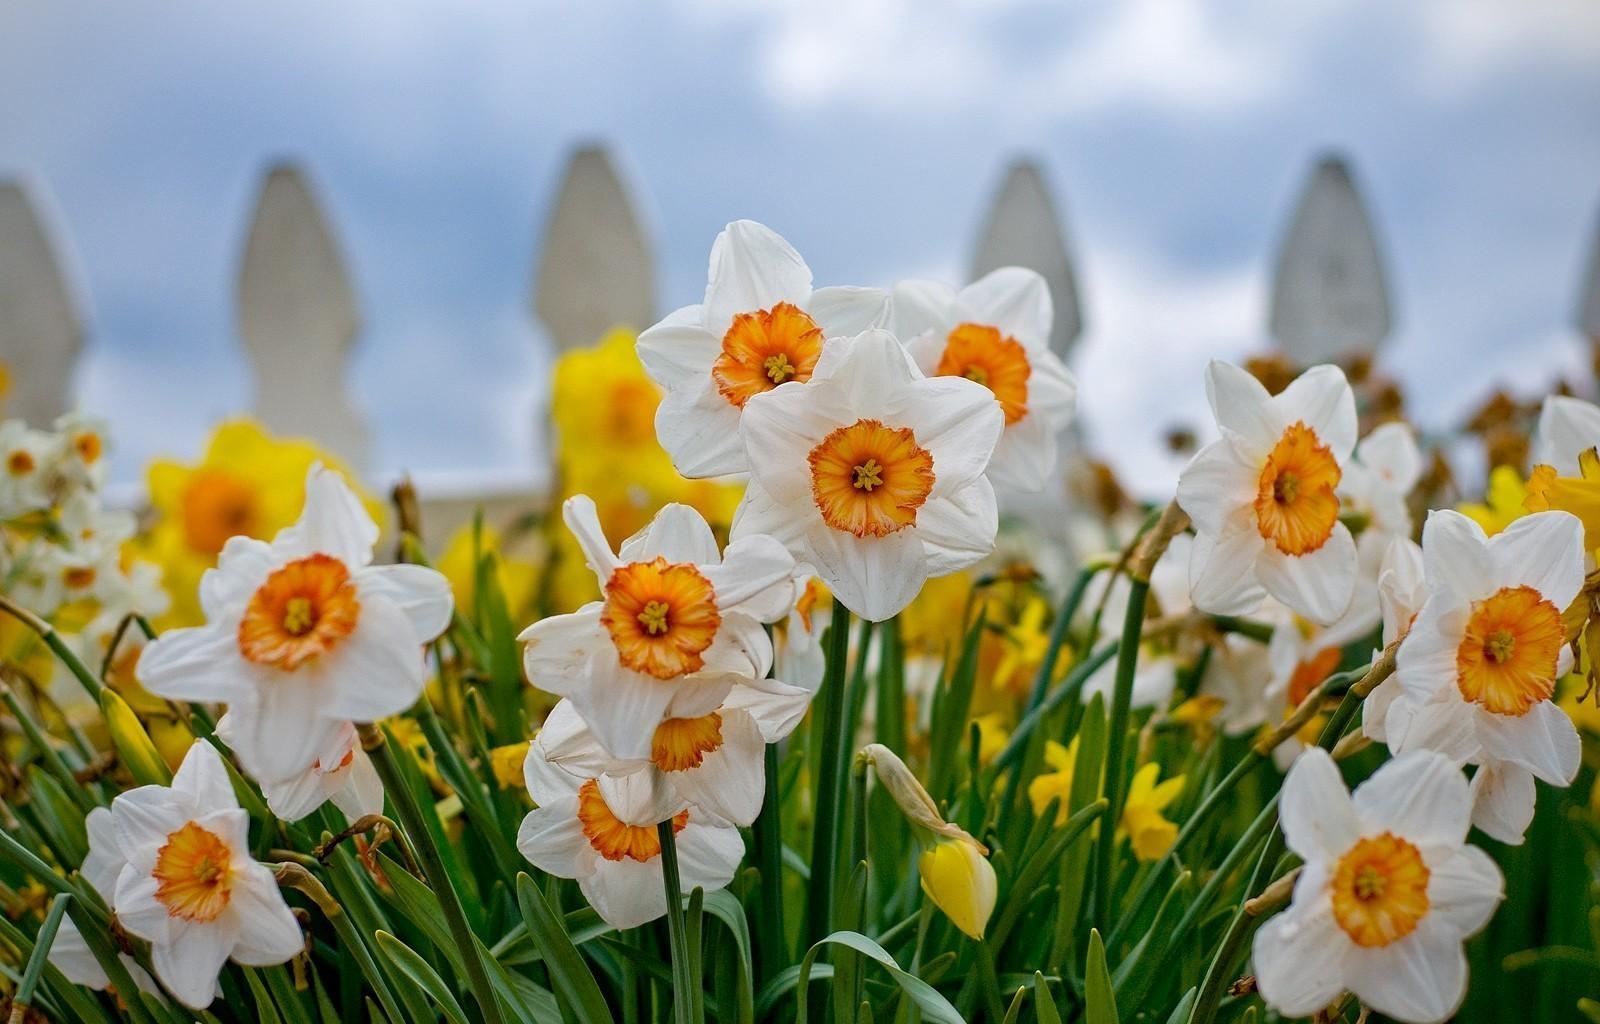 71517 Заставки и Обои Нарциссы на телефон. Скачать Цветы, Нарциссы, Клумба, Крупный План, Ограда картинки бесплатно